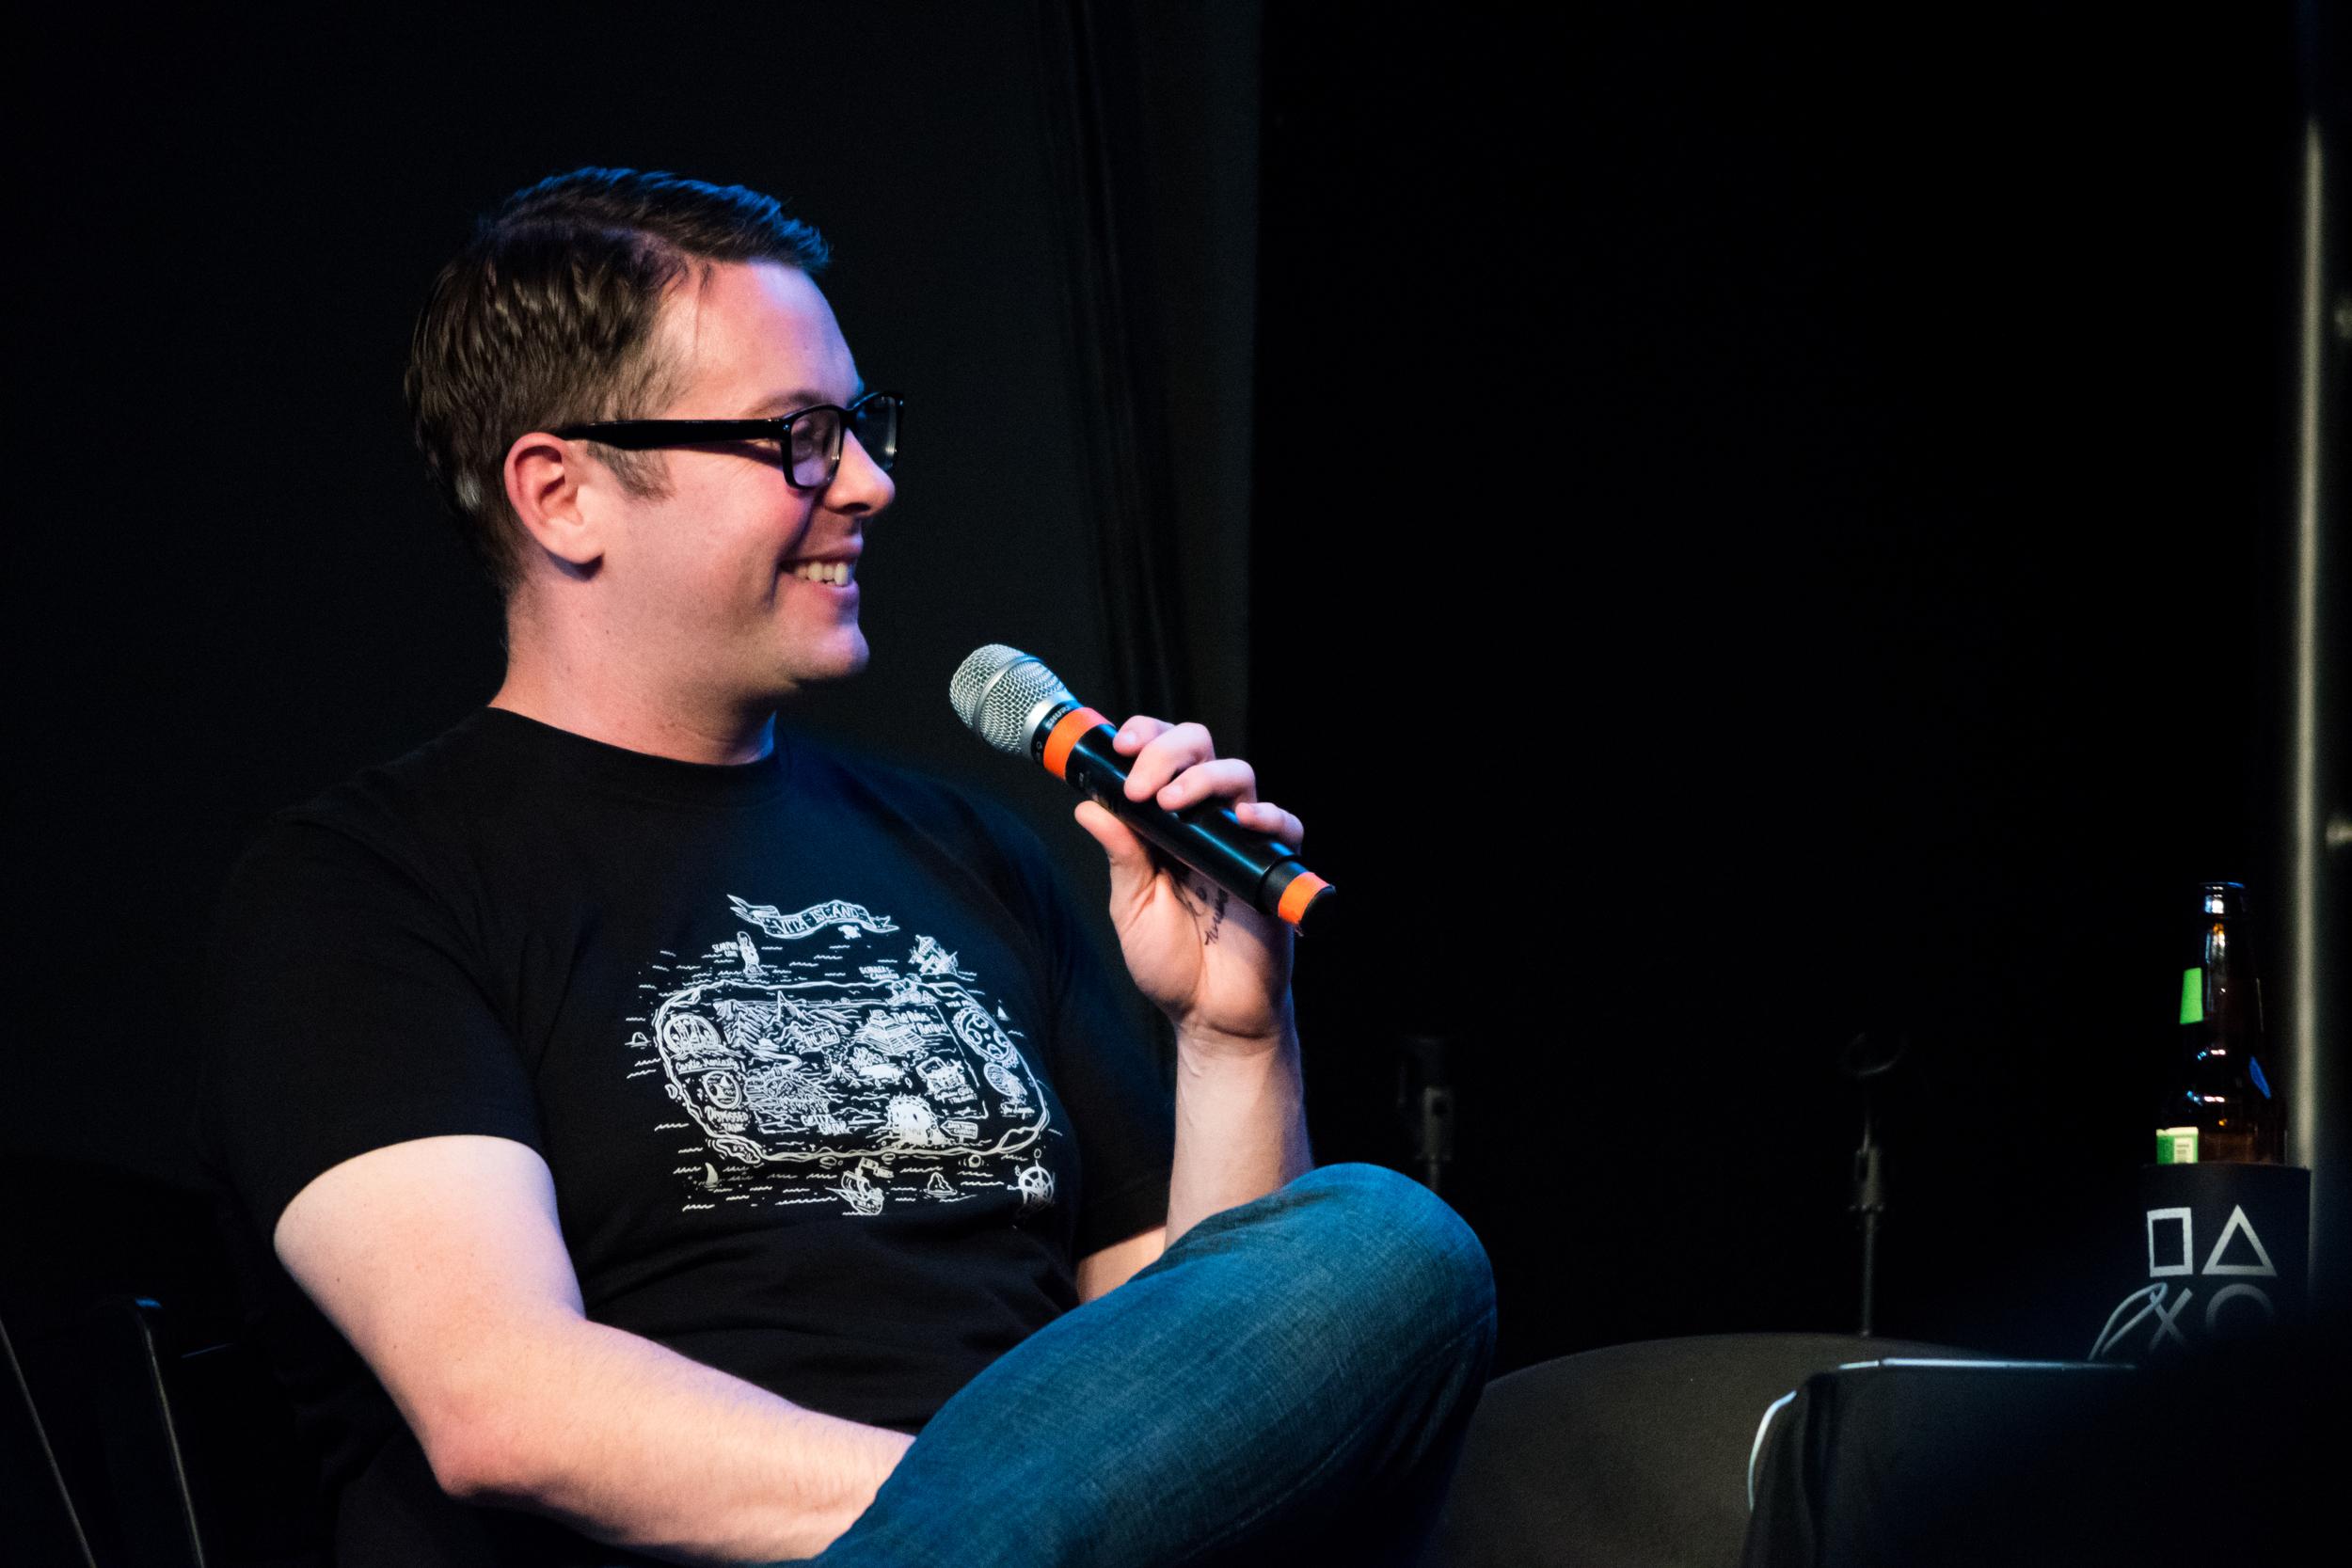 Greg Miller at PSILoveYouXOXO Live